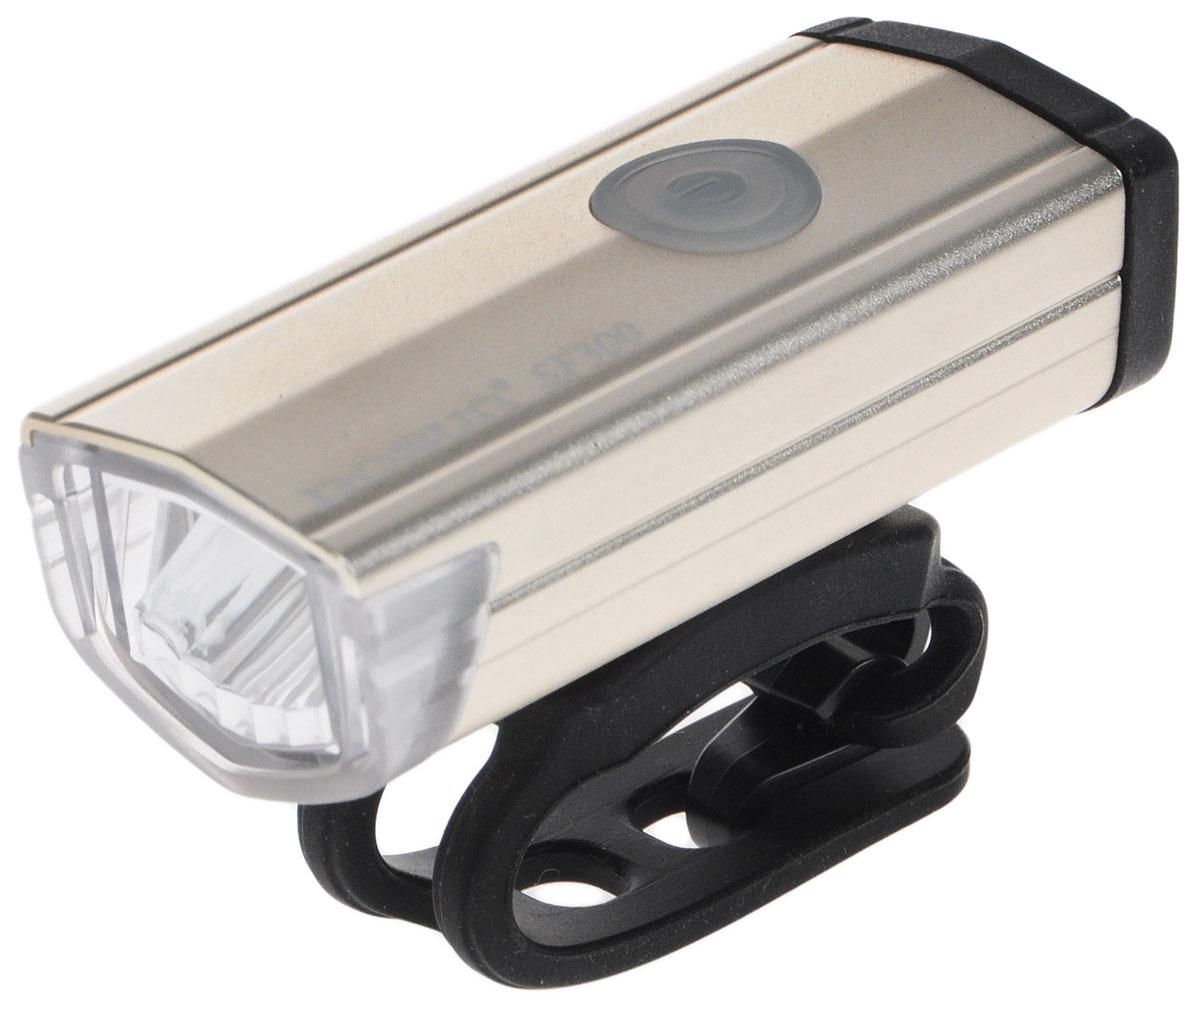 Фара велосипедная Dosun SF300, цвет: серебристый, черный7292Надежная и удобная в эксплуатации фара Dosun SF300 предназначена для обеспечения большей безопасности при поездках в темное время суток. Заряжается от компьютера при помощи USB кабеля (входит в комплект). Оснащена ярким светодиодом мощностью 300 Лм. Устанавливается на основание диаметром 20-40 мм. Имеет прочный алюминиевый водонепроницаемый корпус, устойчивый к царапинам. Удобная конструкция фары позволяет быстро устанавливать ее на руль или снимать. Фара работает в 5 режимах: 3 вида яркости, мигание, быстрое мигание.Время свечения в разных яркостях: 1 ч, 3 ч, 6 ч.Время мигания: 12 ч.Время быстрого мигания: 60 ч.Время зарядки: 2,5 ч.Размер фары (без учета крепления): 6,7 х 2,7 х 2,2 см.